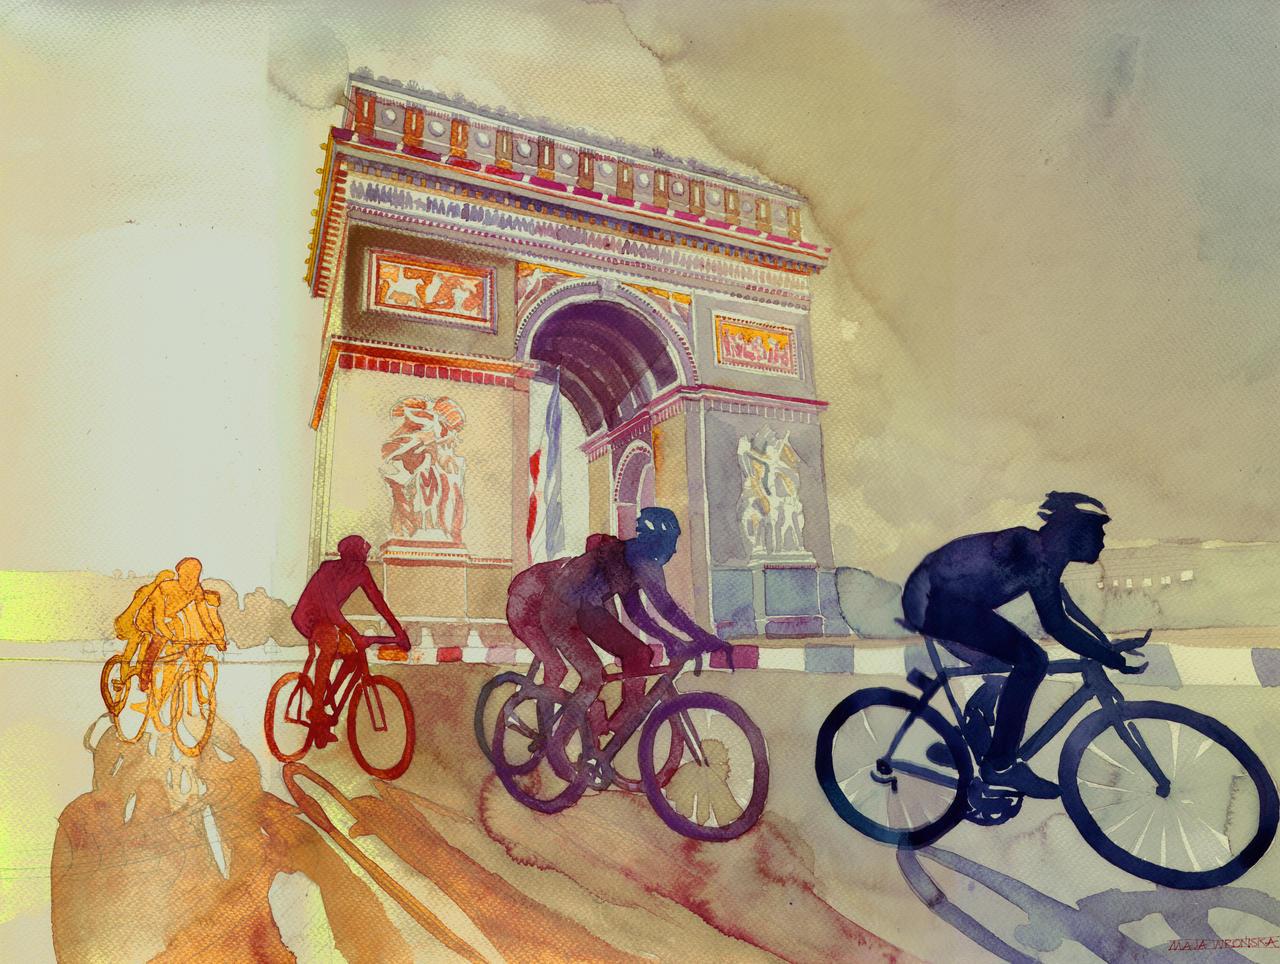 Tour de France by takmaj